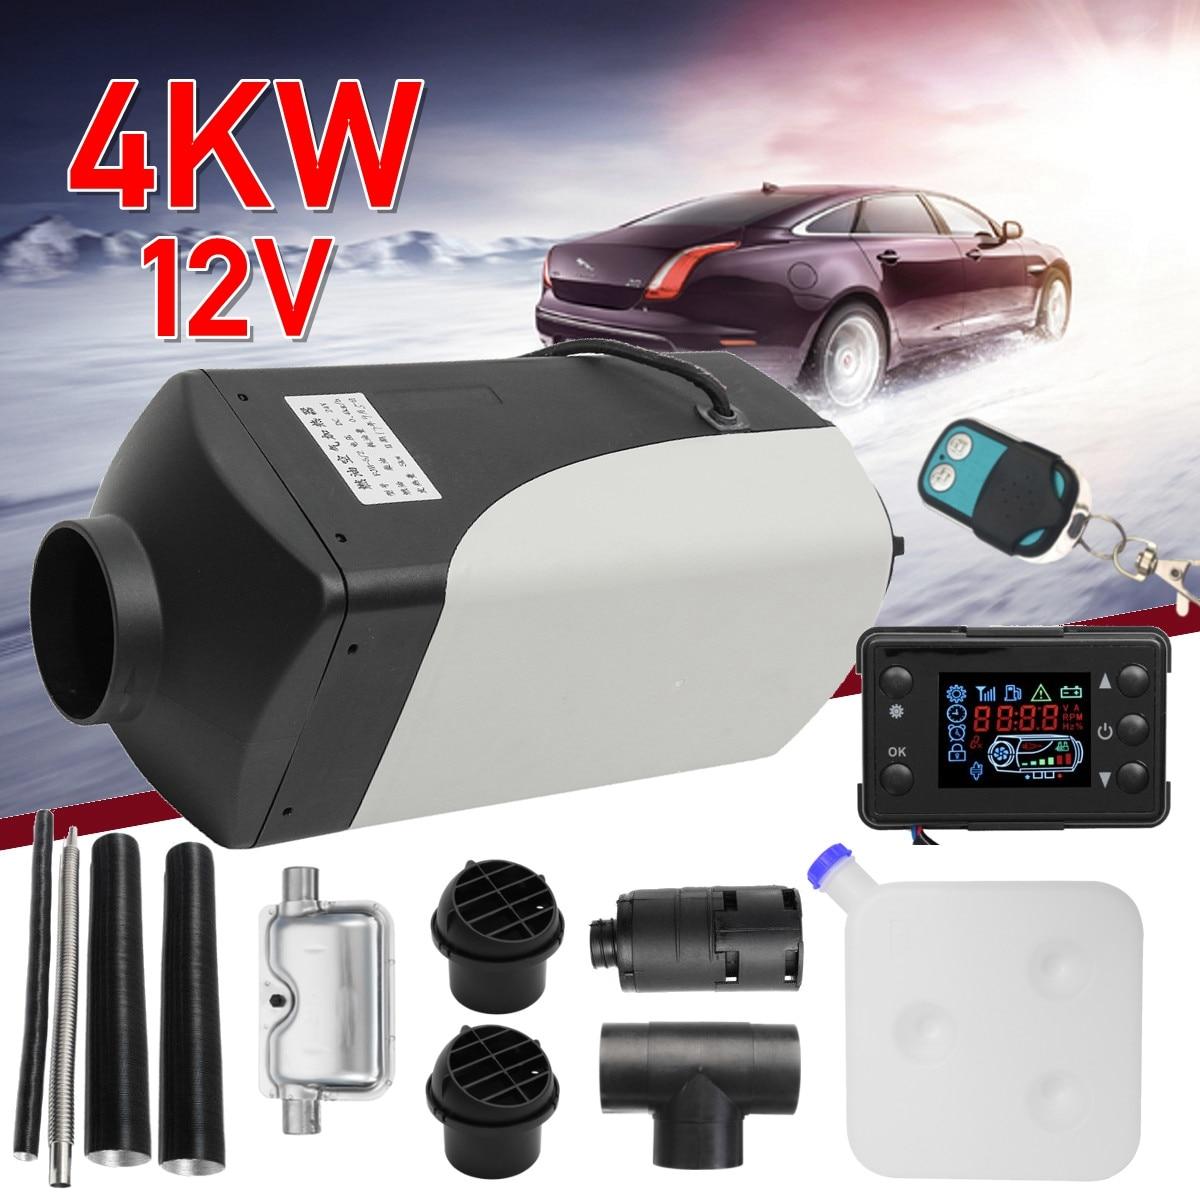 4KW 12 V diesel calentador de aire para camión barcos caravana RV autobús-para reemplazar centralitas D4... webastos aparcamiento calentador + Control Remoto + silenciador